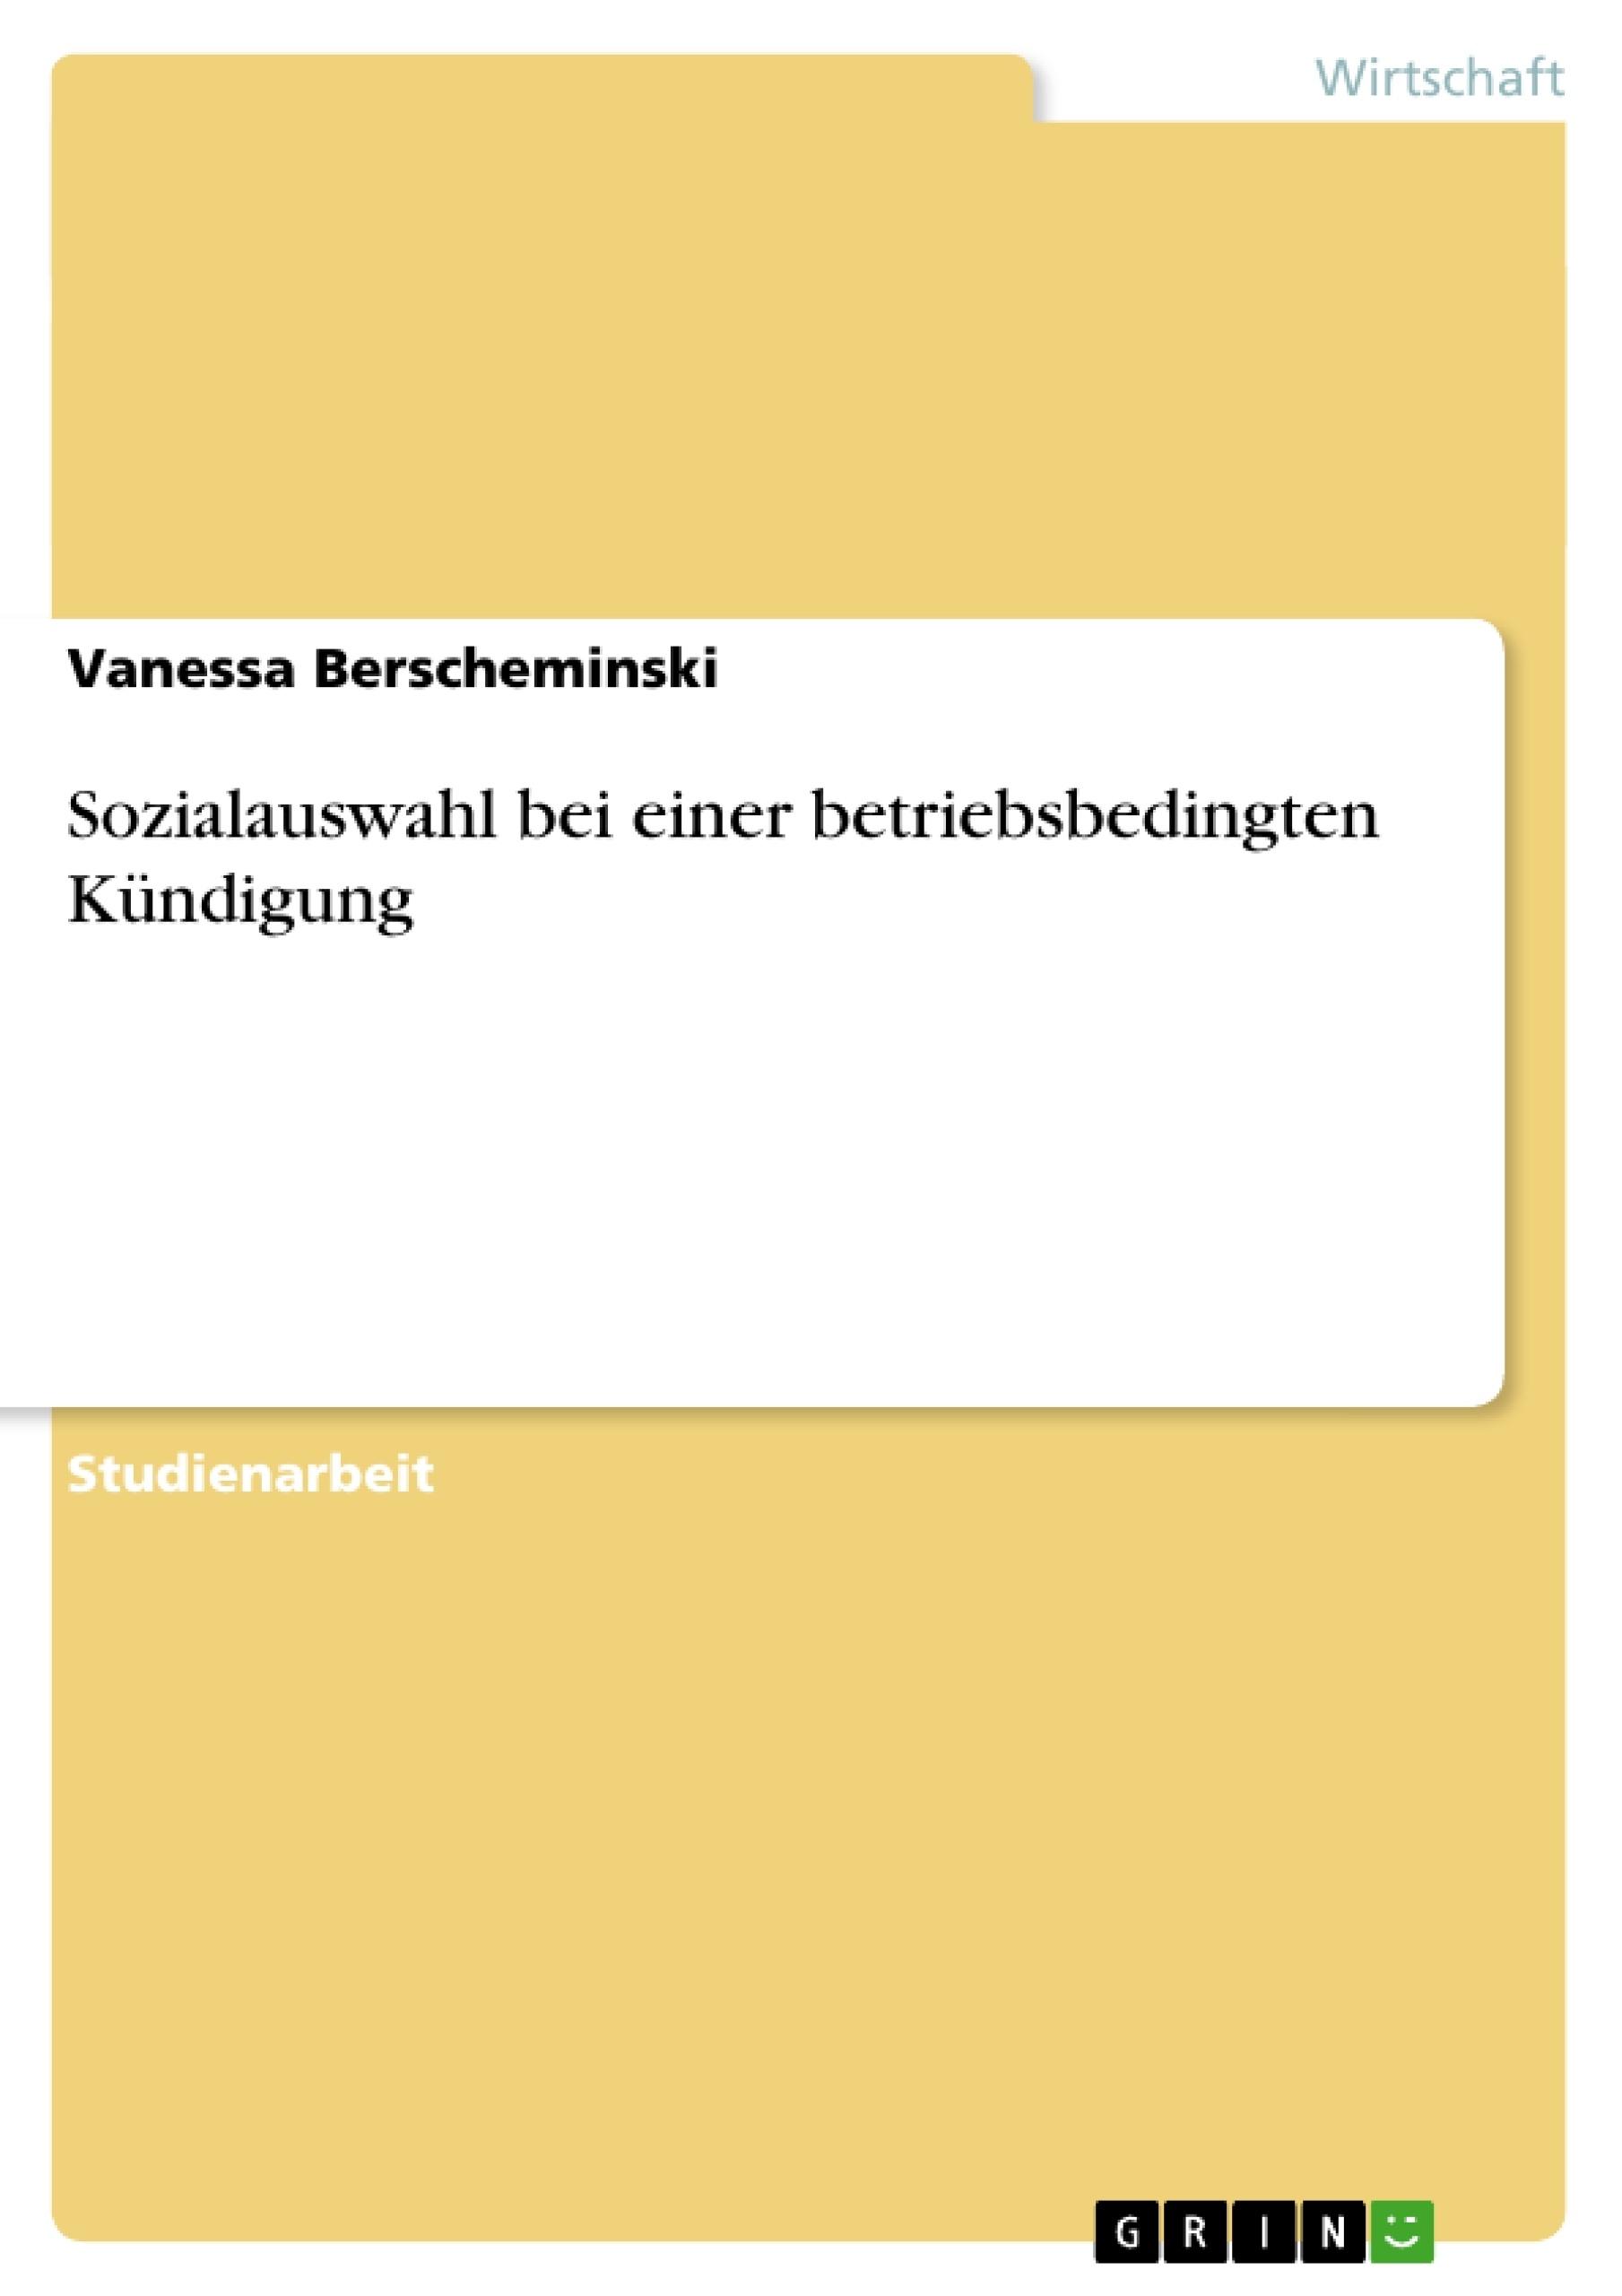 Titel: Sozialauswahl bei einer betriebsbedingten Kündigung